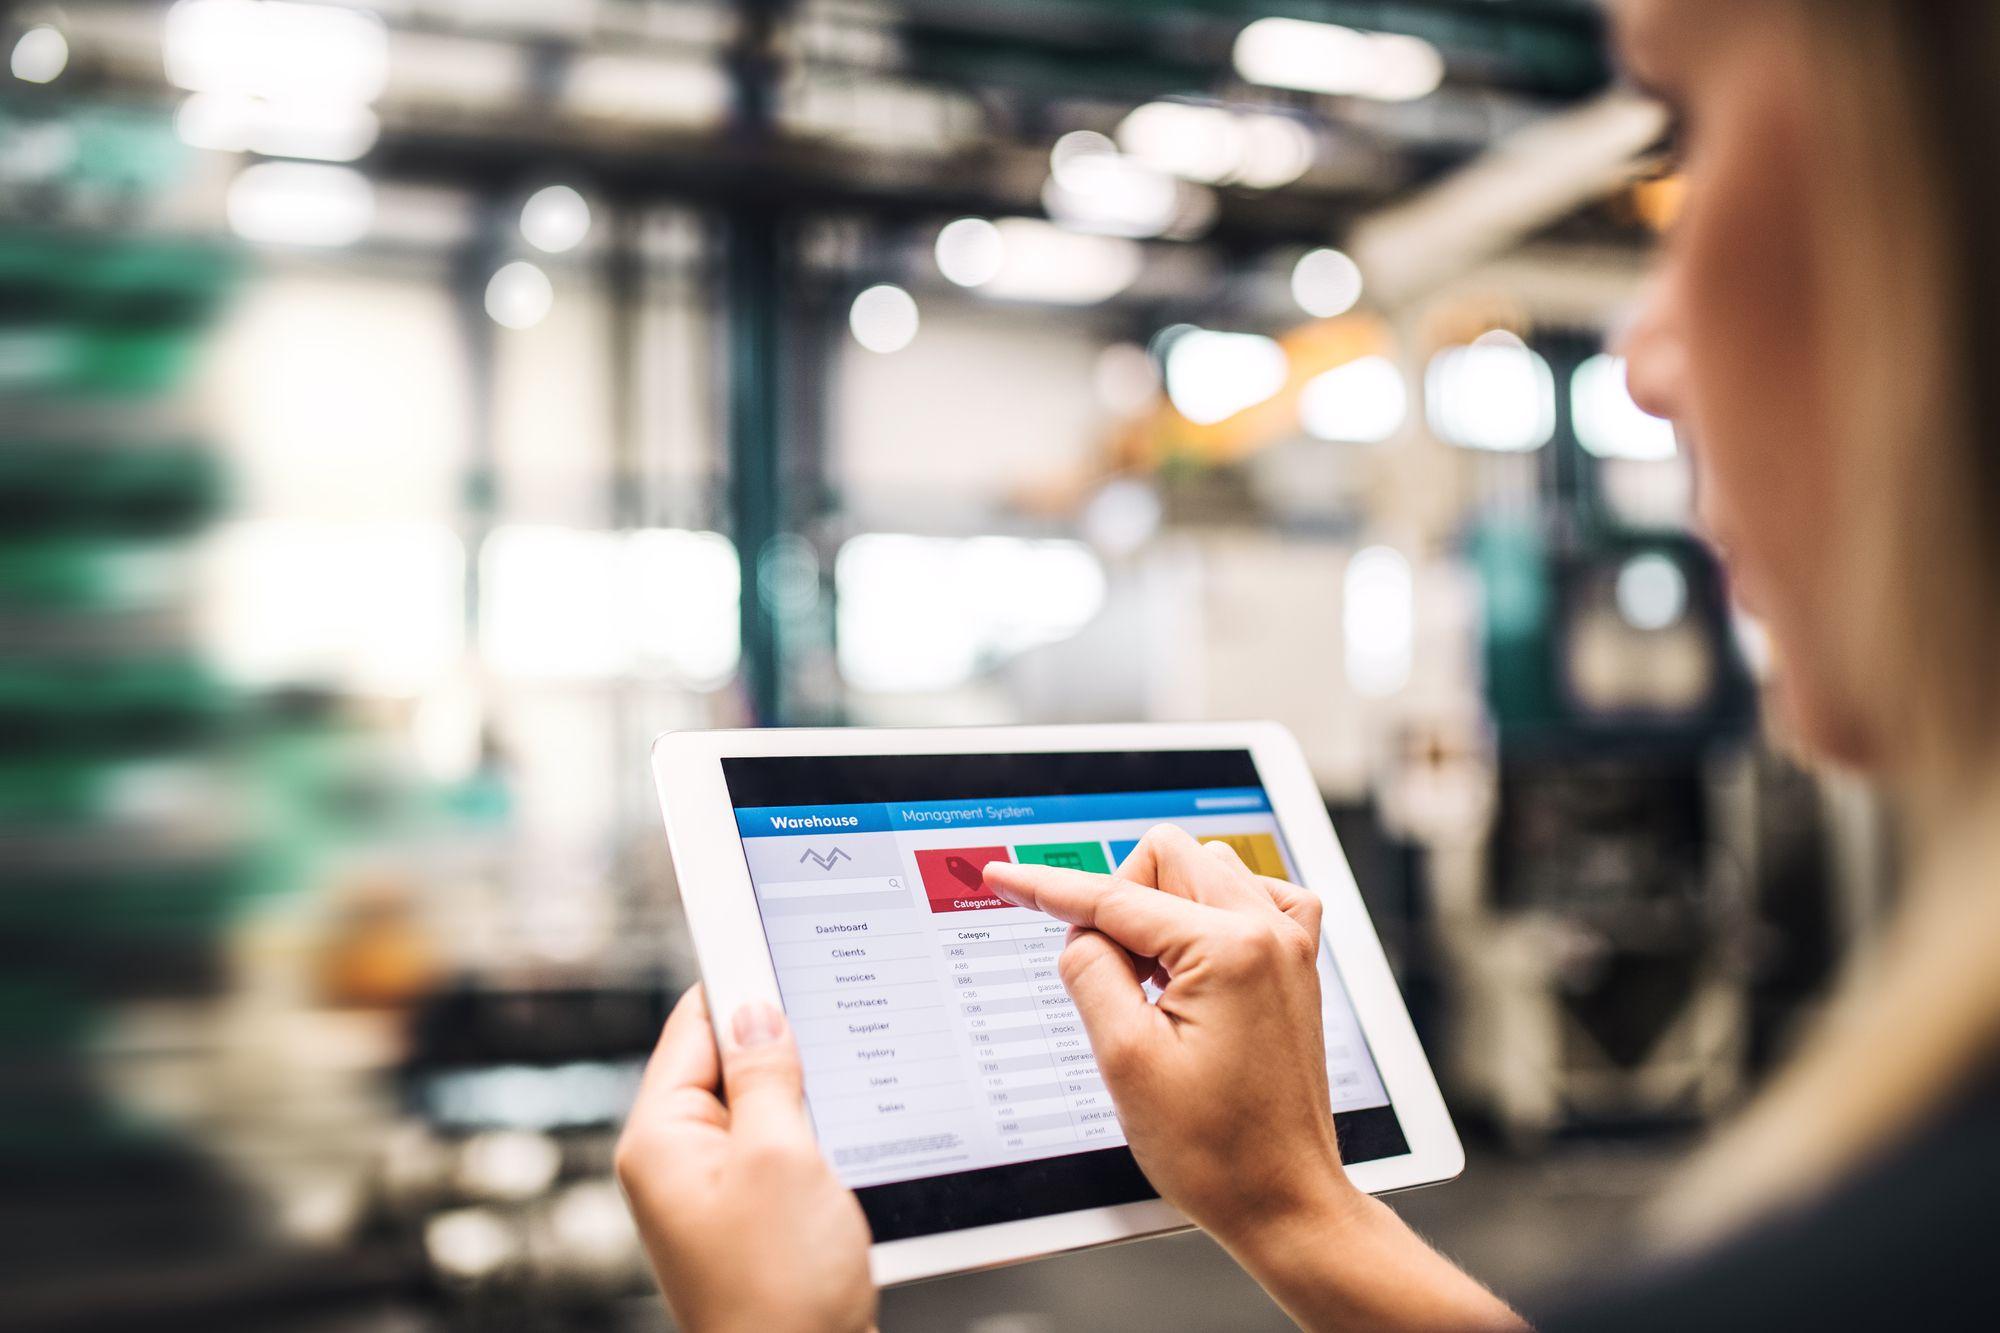 Fique por dentro dos principais indicadores de produção industrial